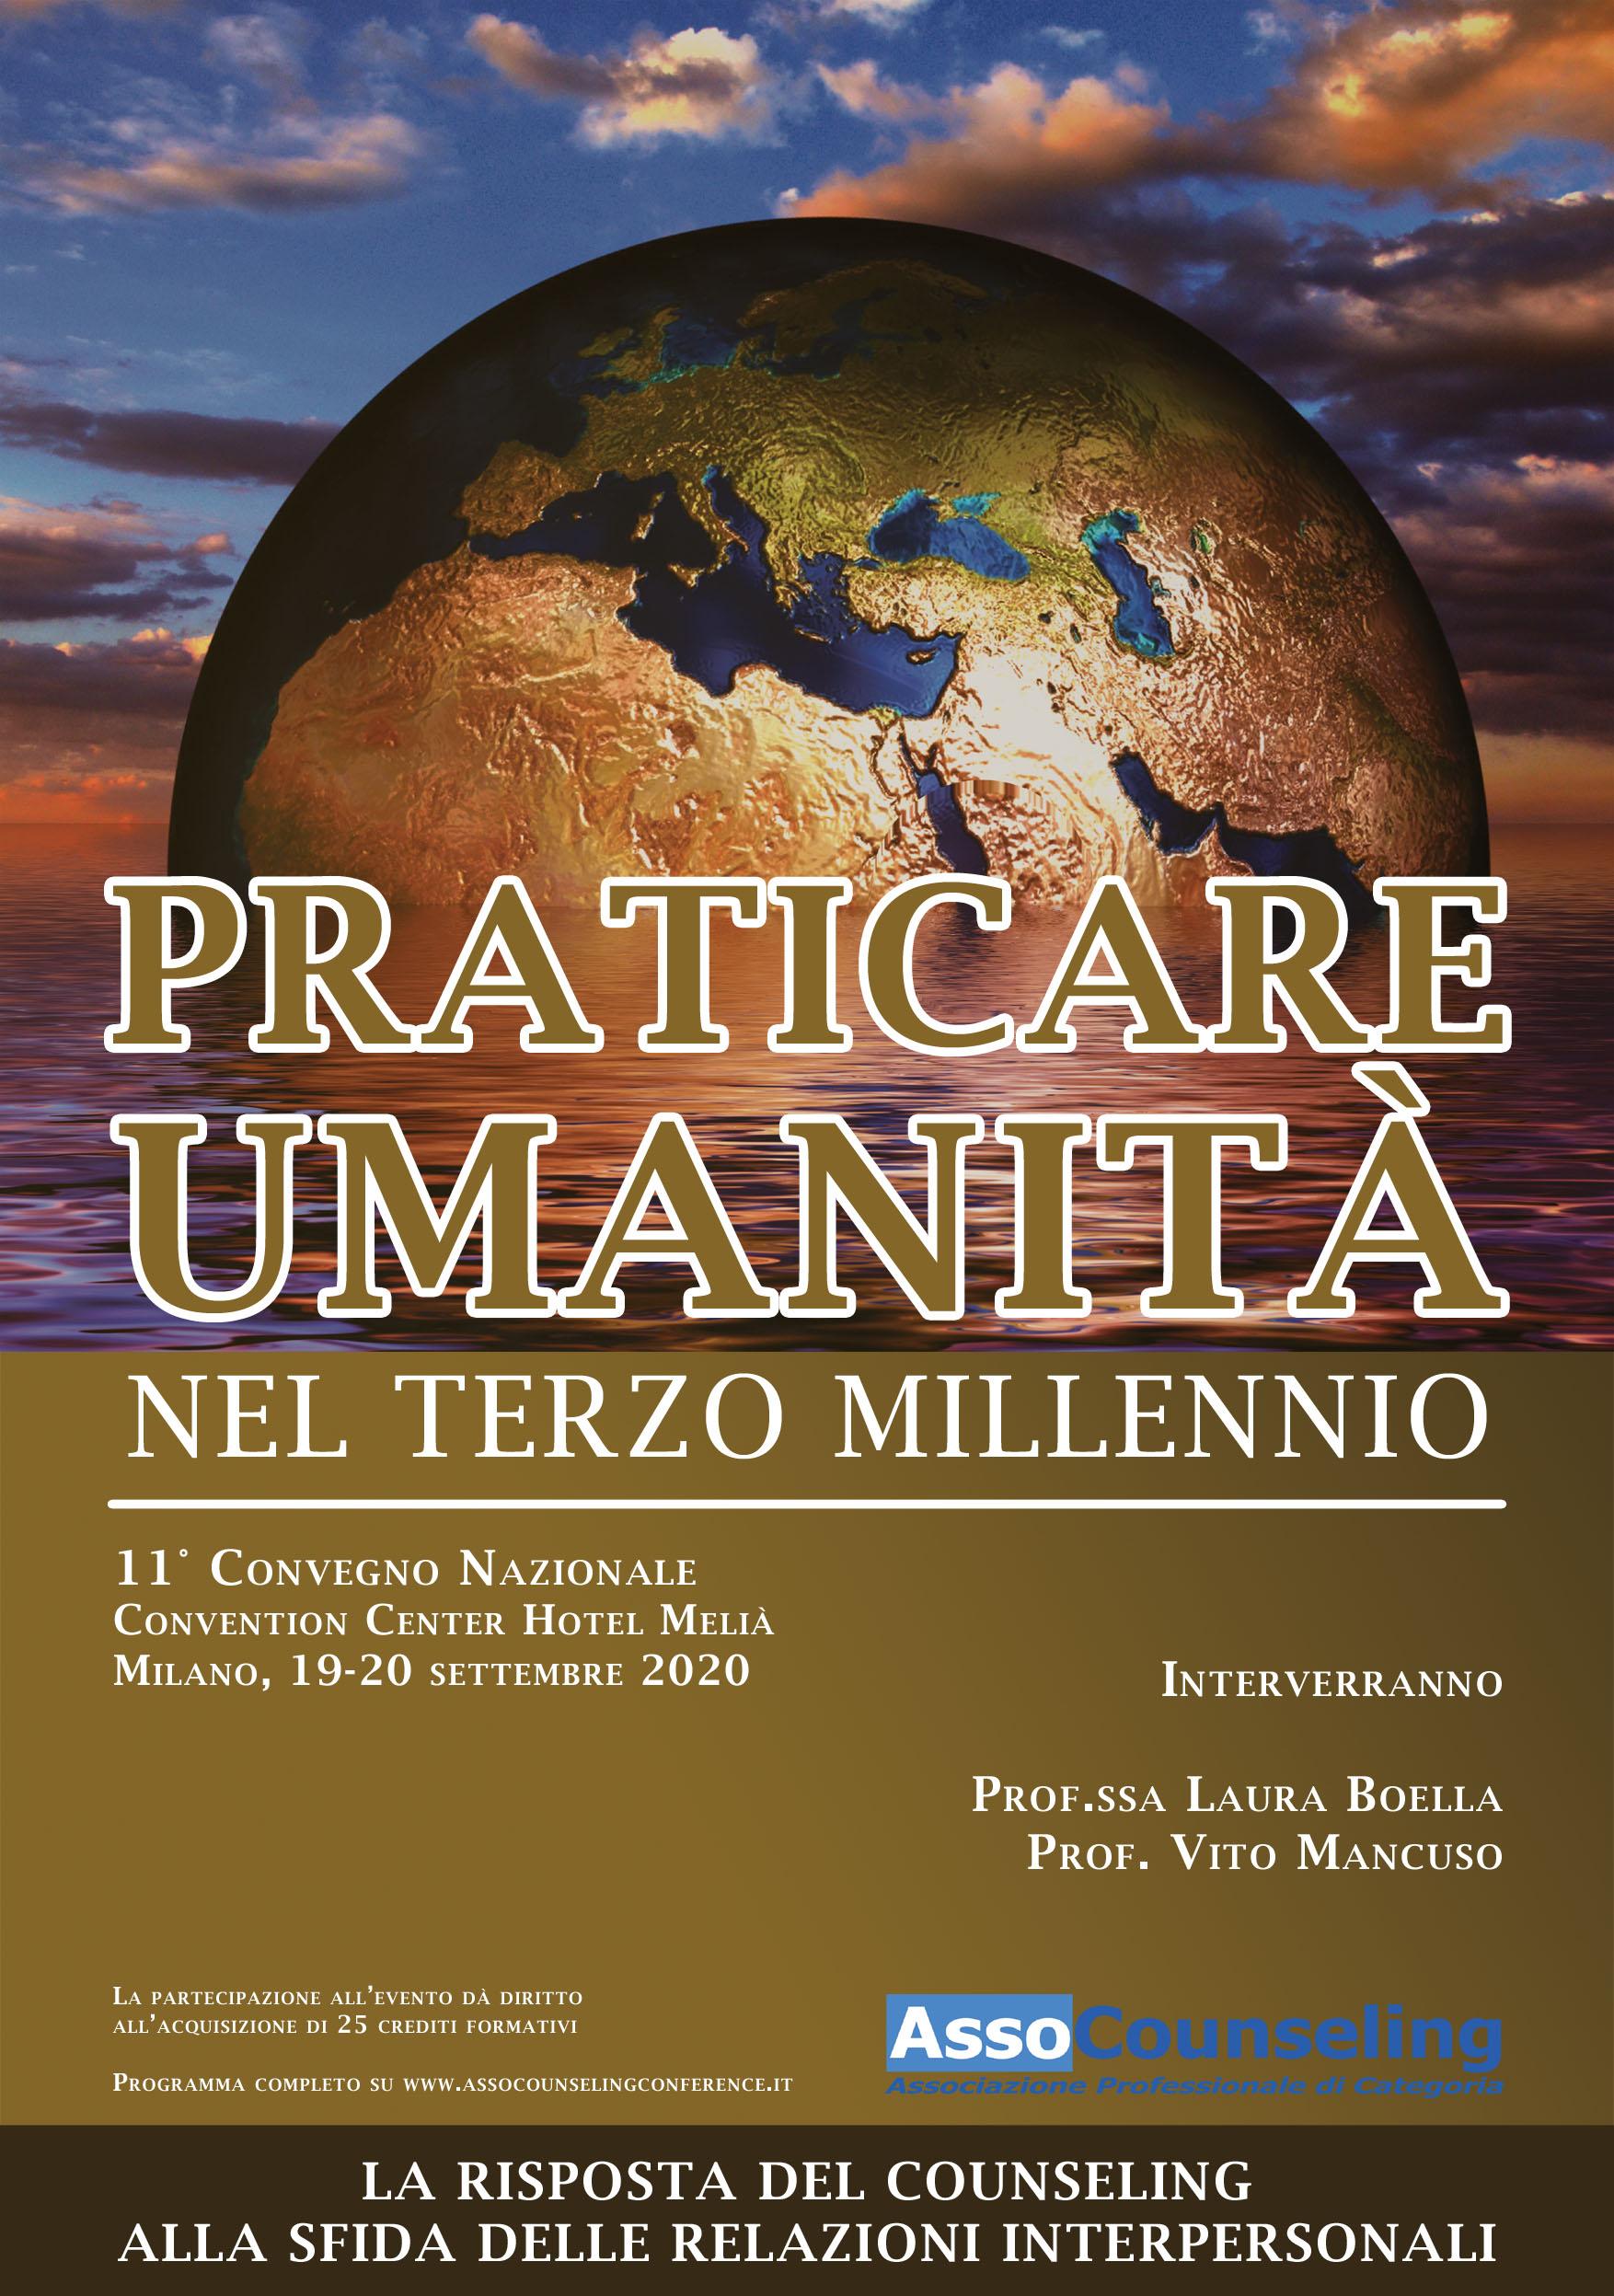 Praticare umanità nel terzo millennio